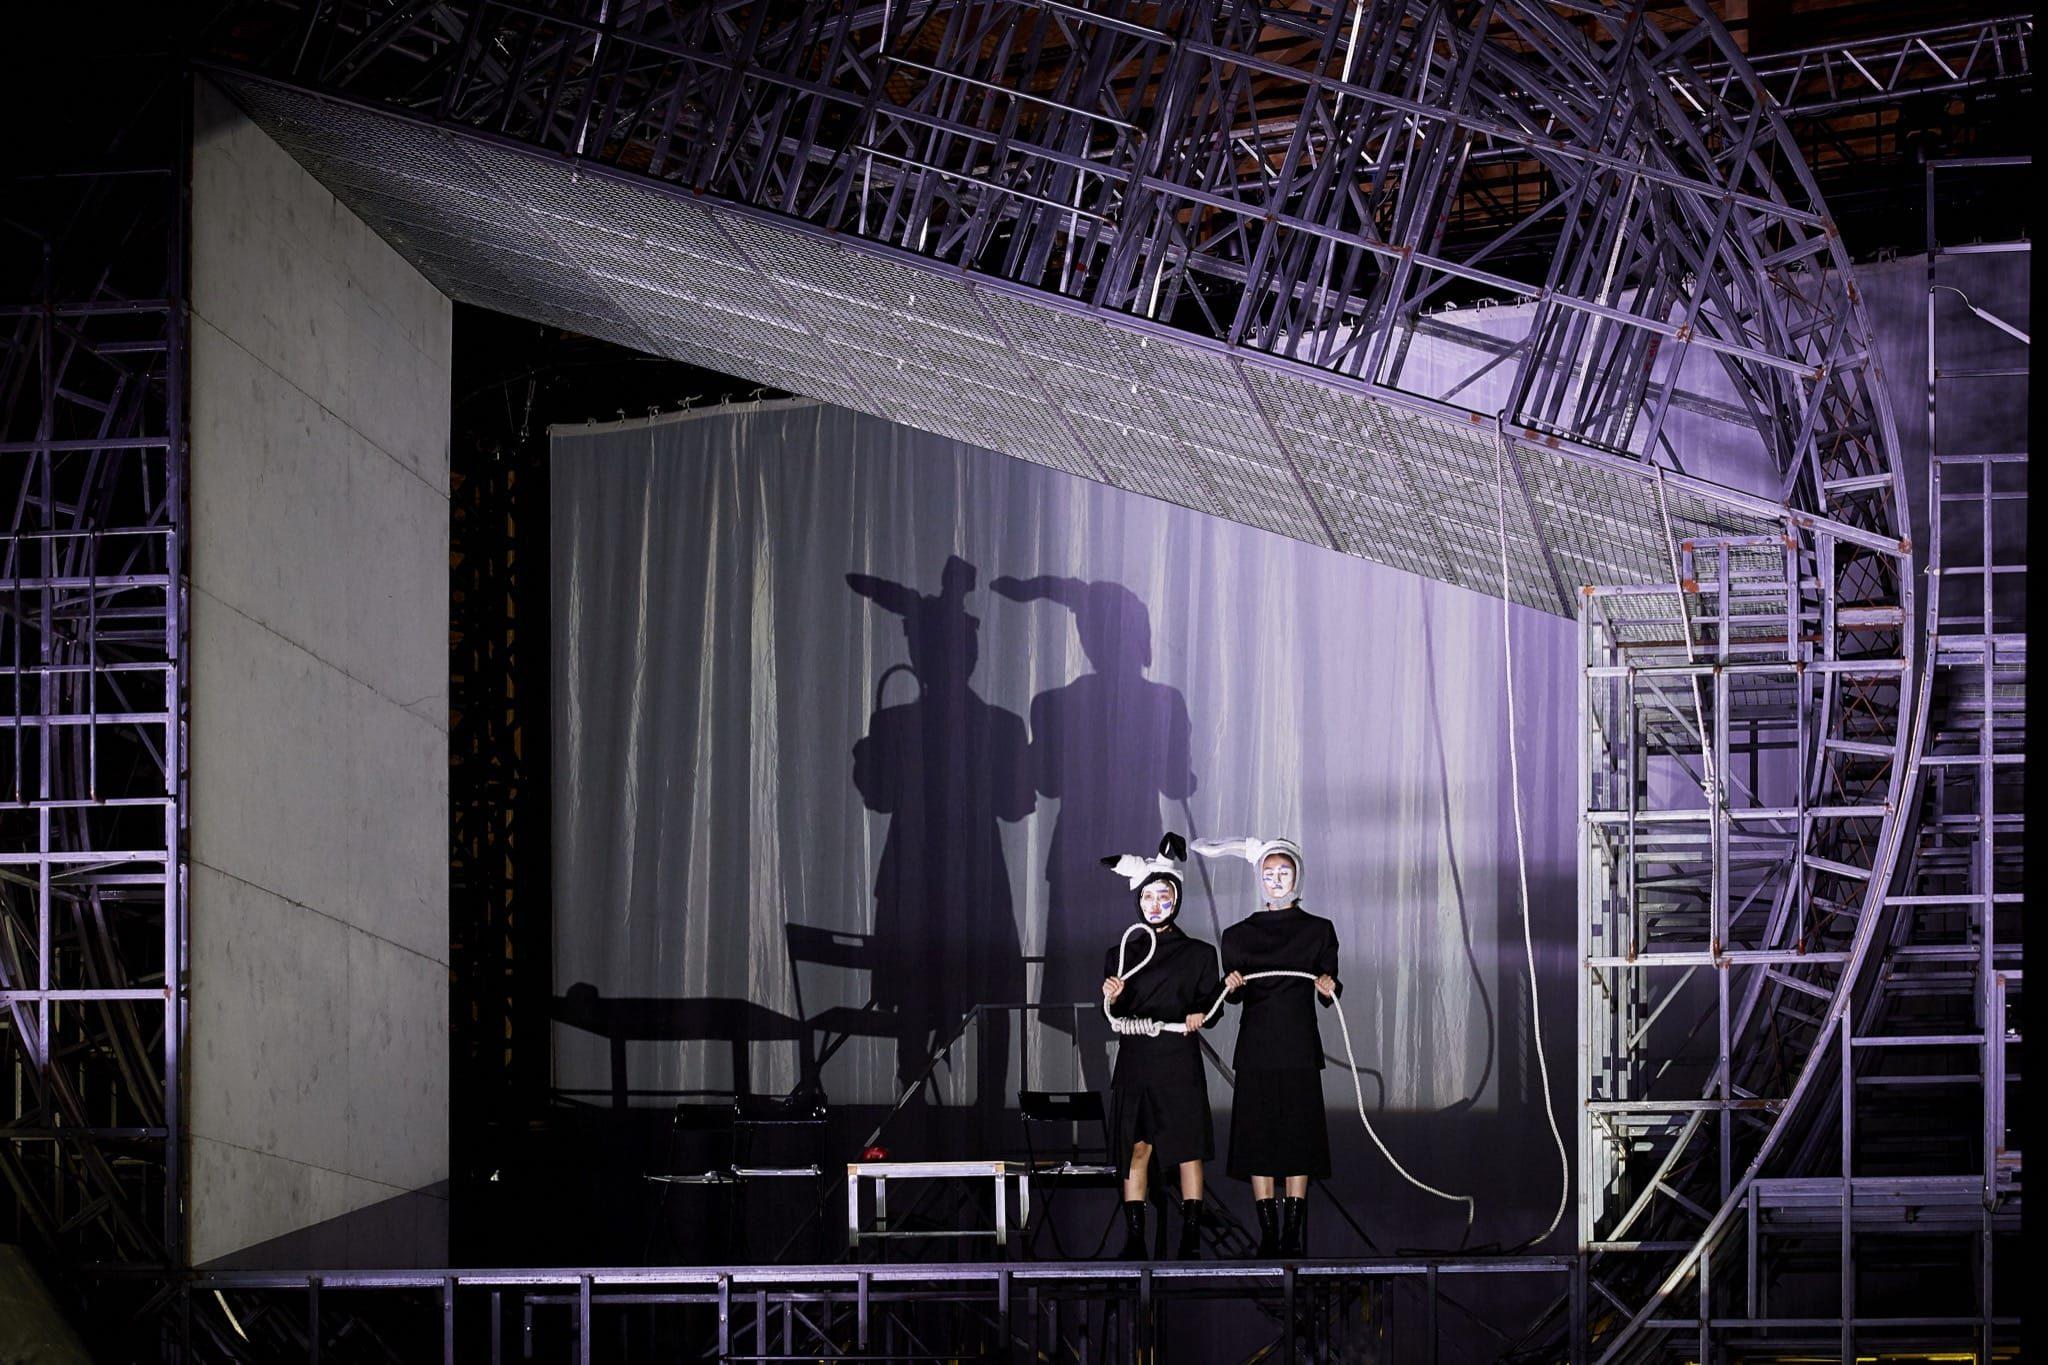 La Maison de Thé de Lao She par Meng Jinghui image théâtre